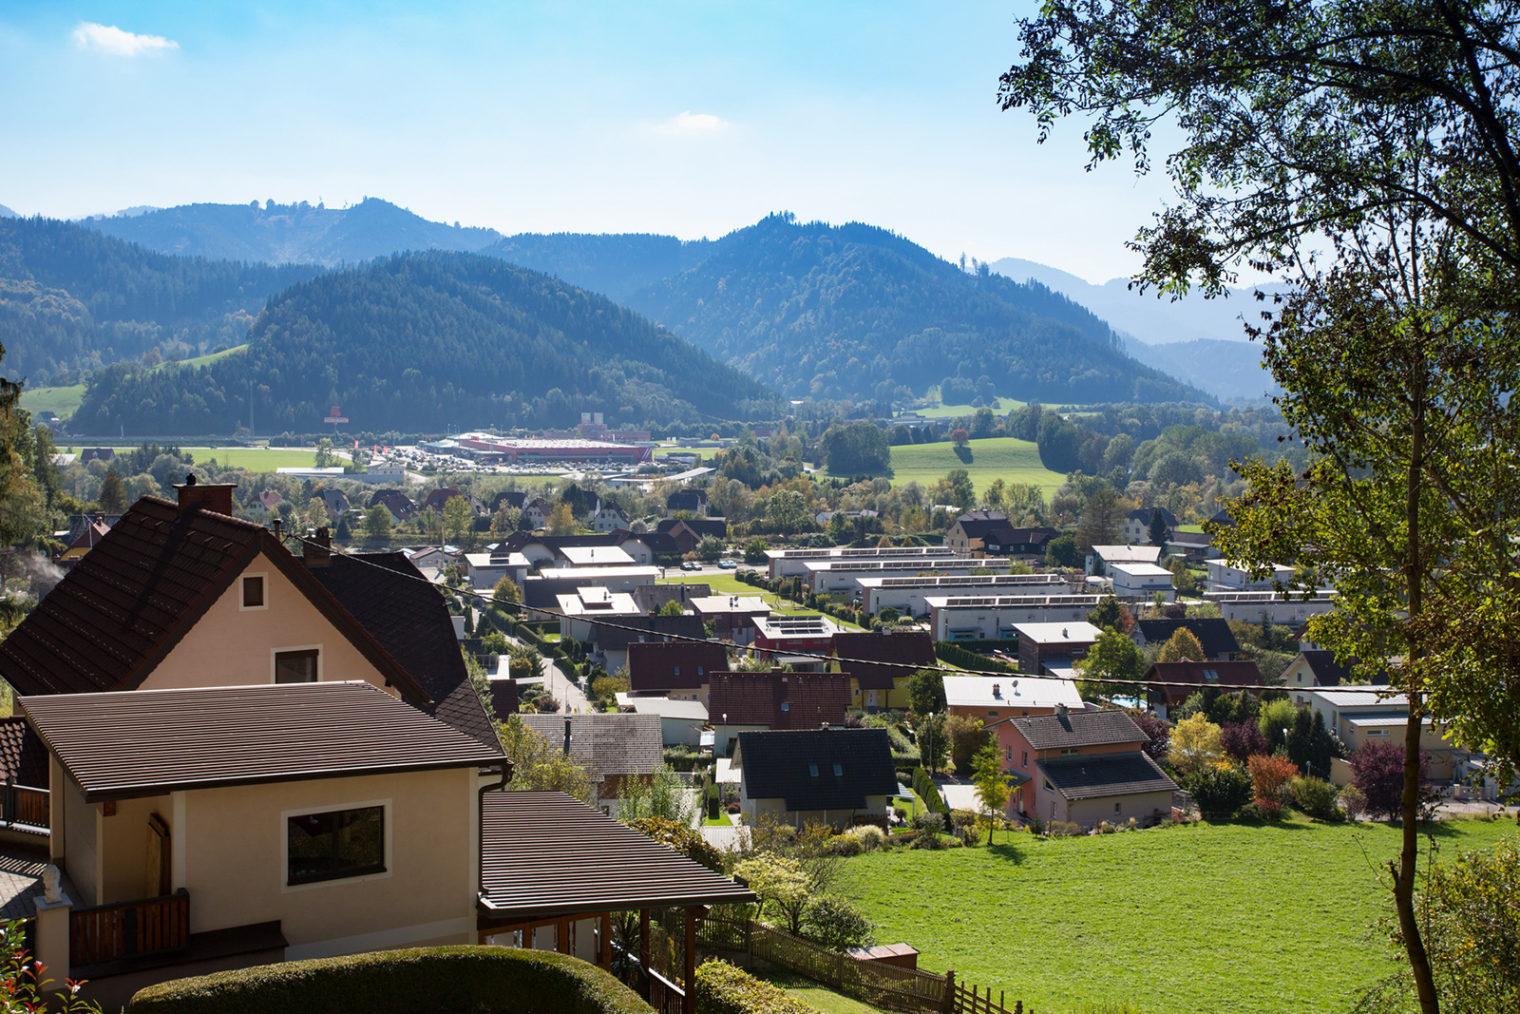 SunCity in Hinterberg